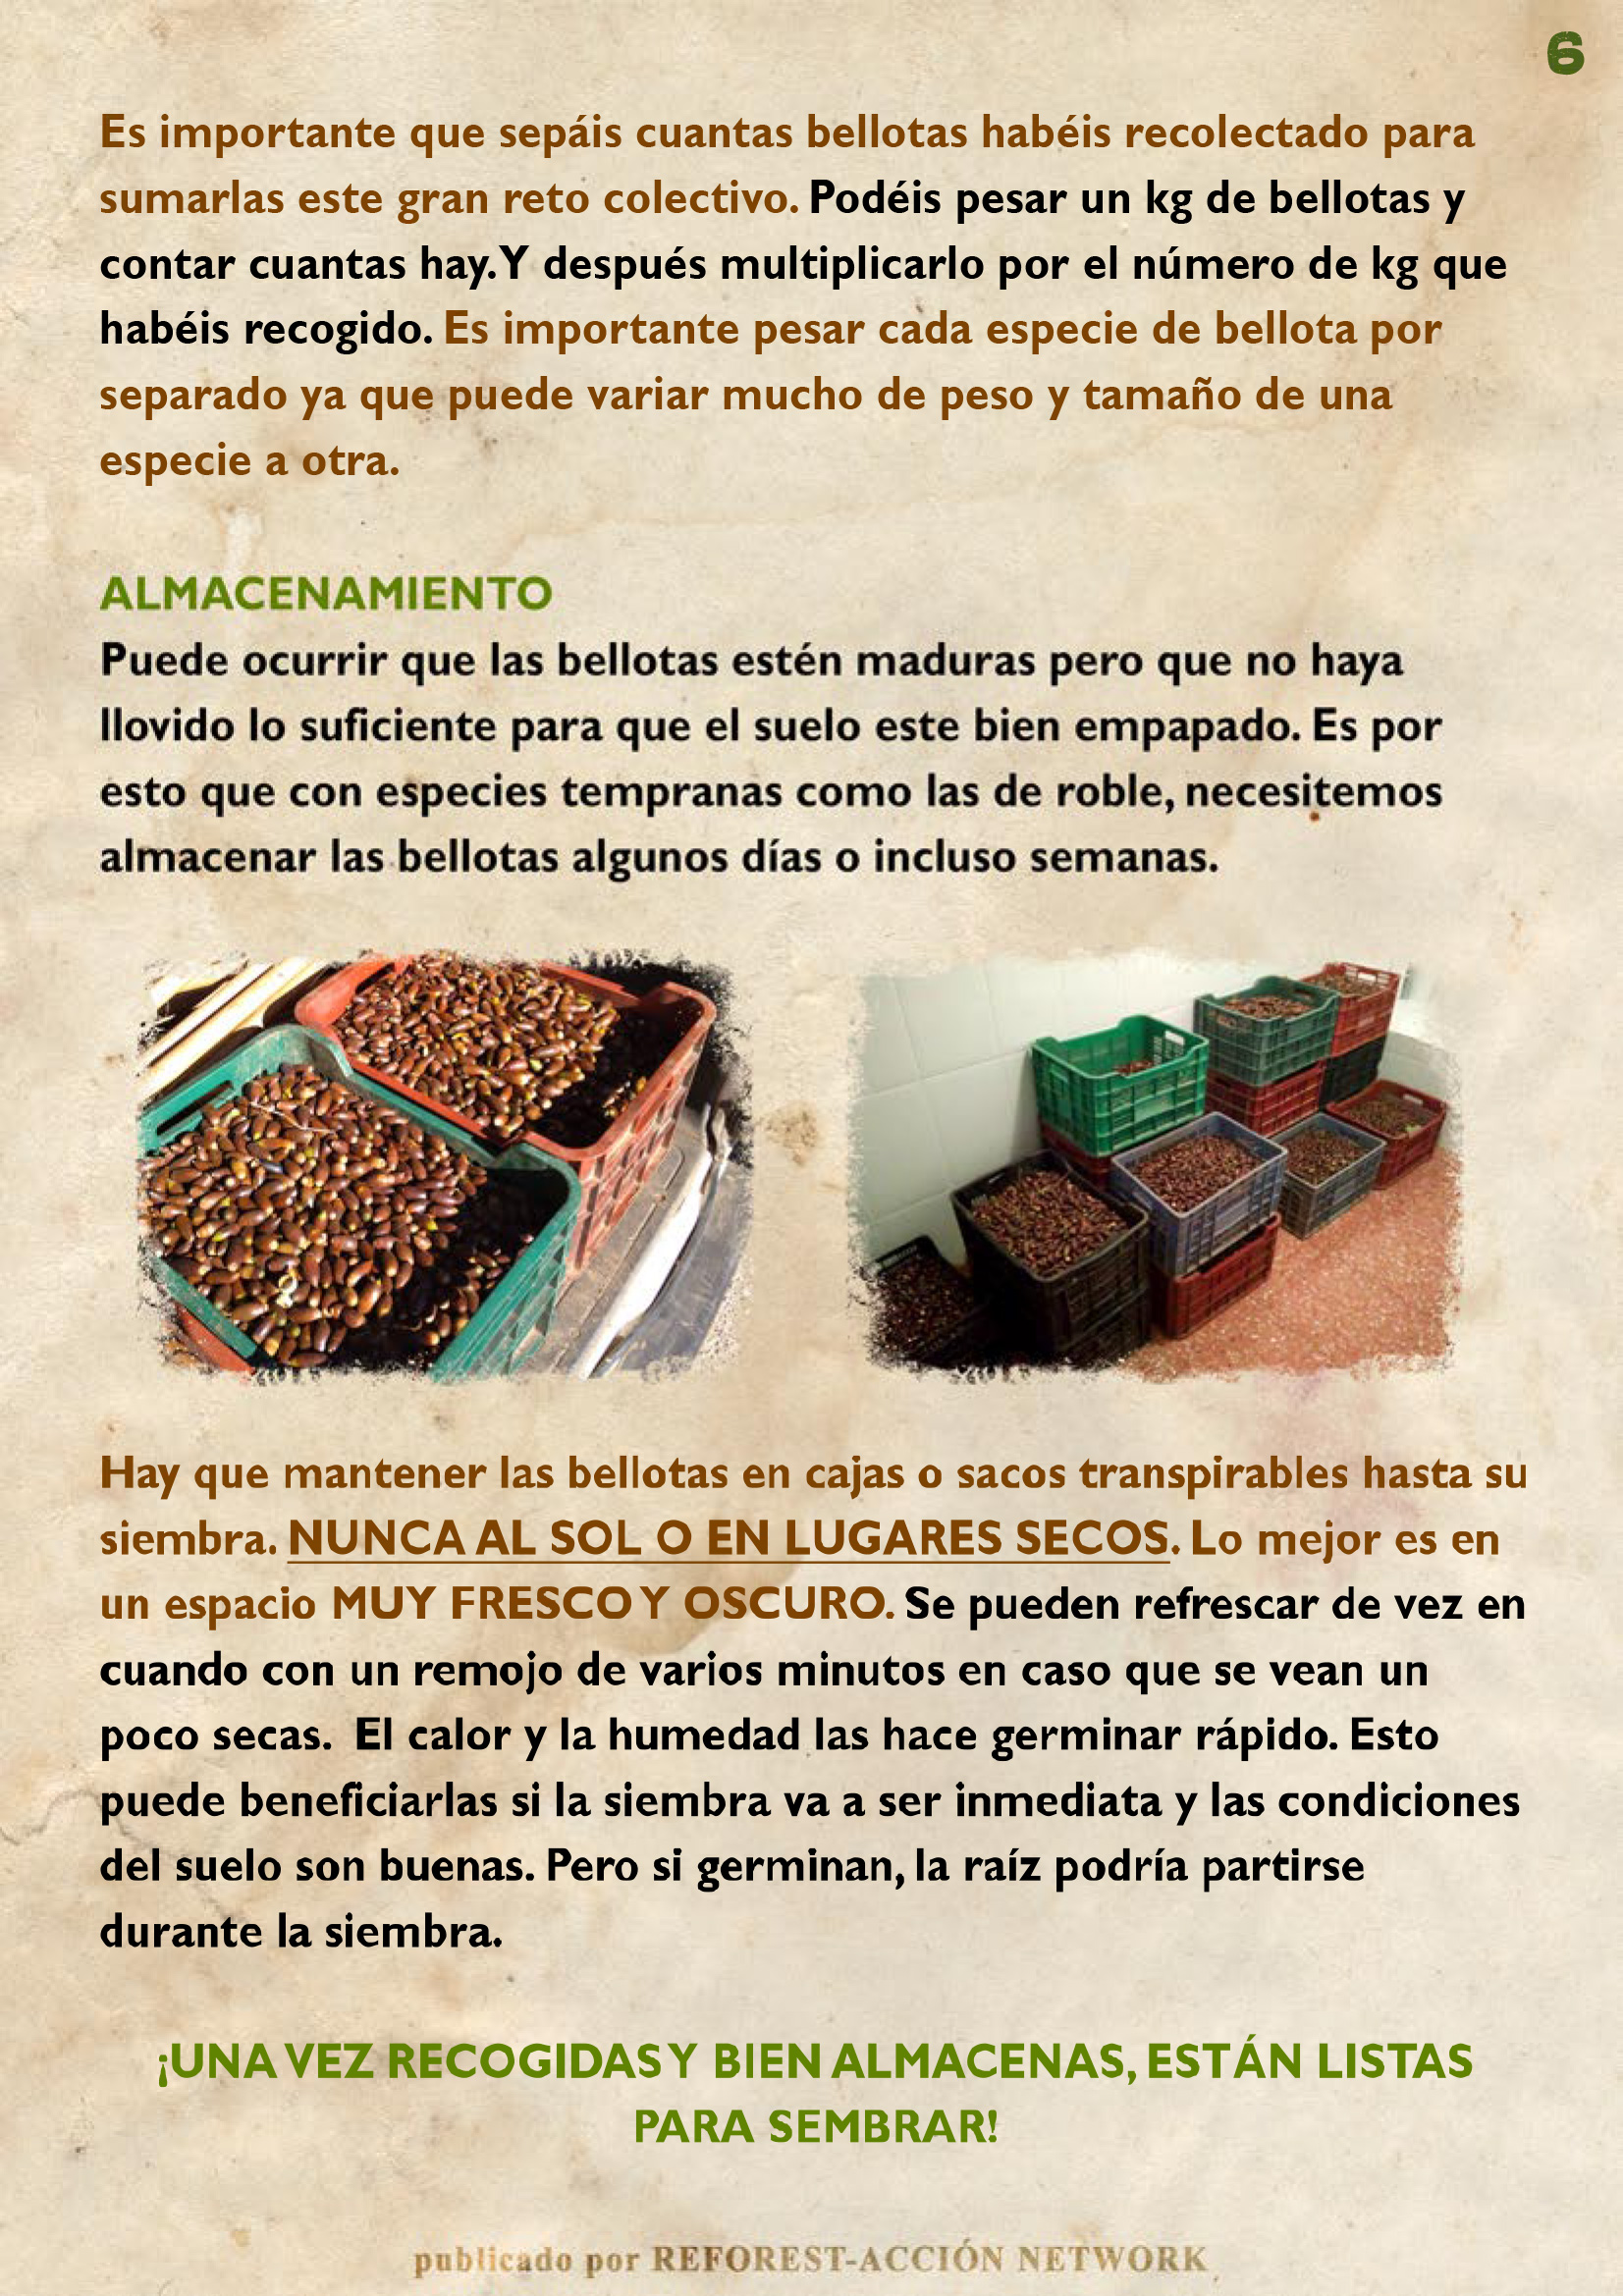 GUIA BELLOTERA - PAG 7